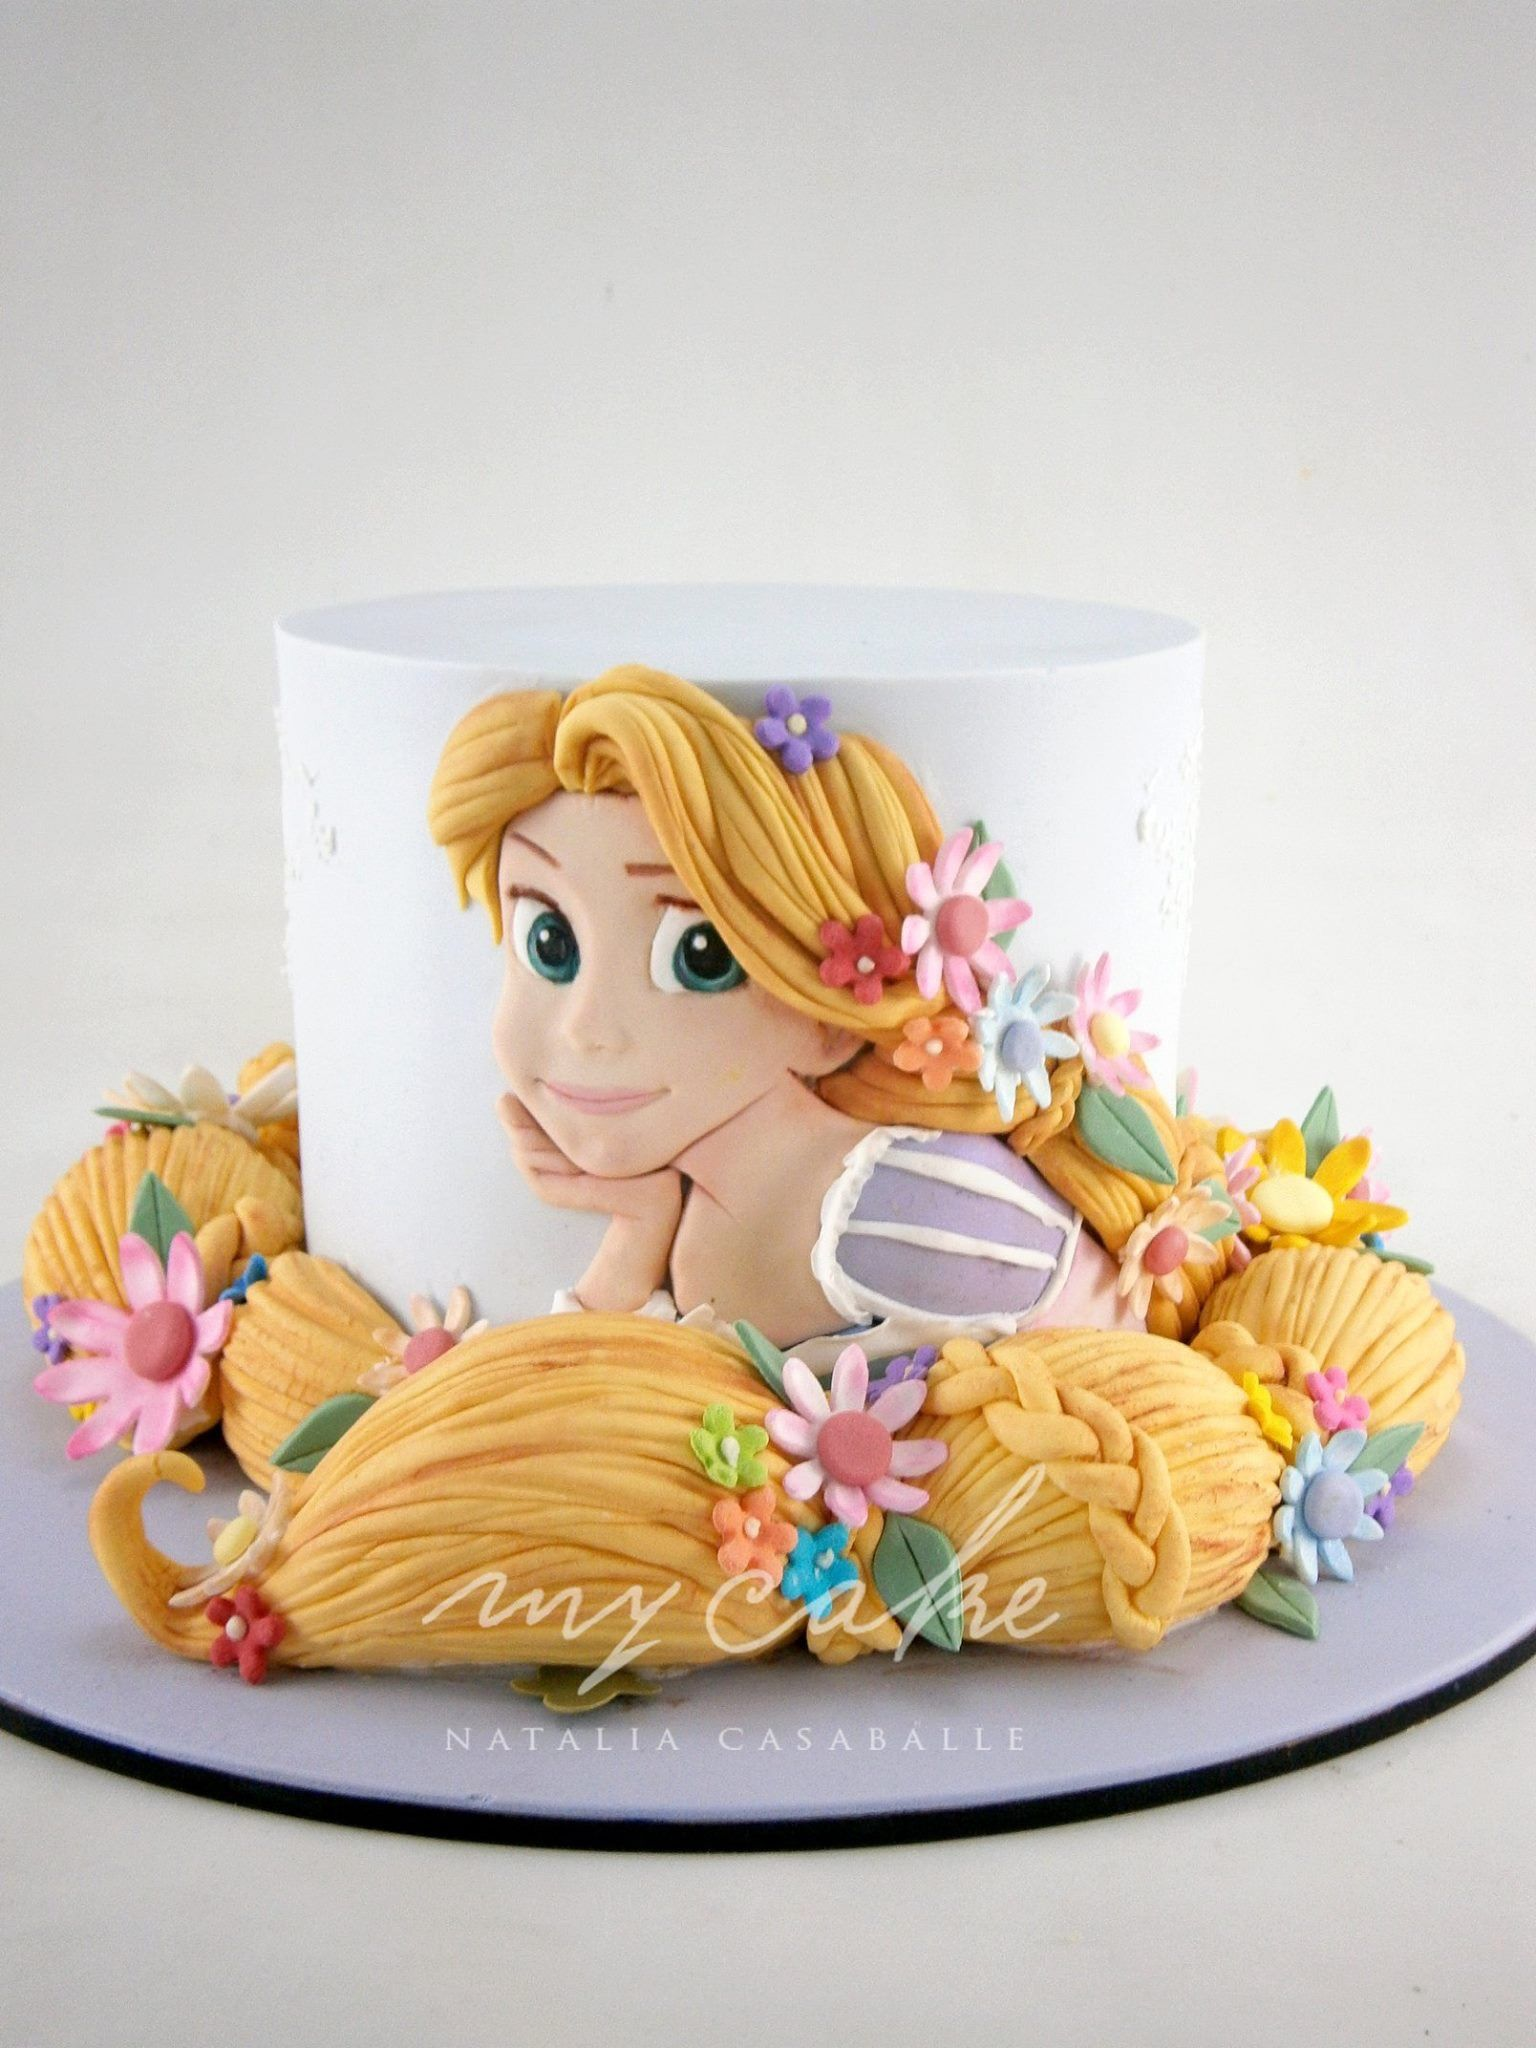 Küchenideen und designs rapunzel cake  cake design  pinterest  kuchen kuchen ideen und